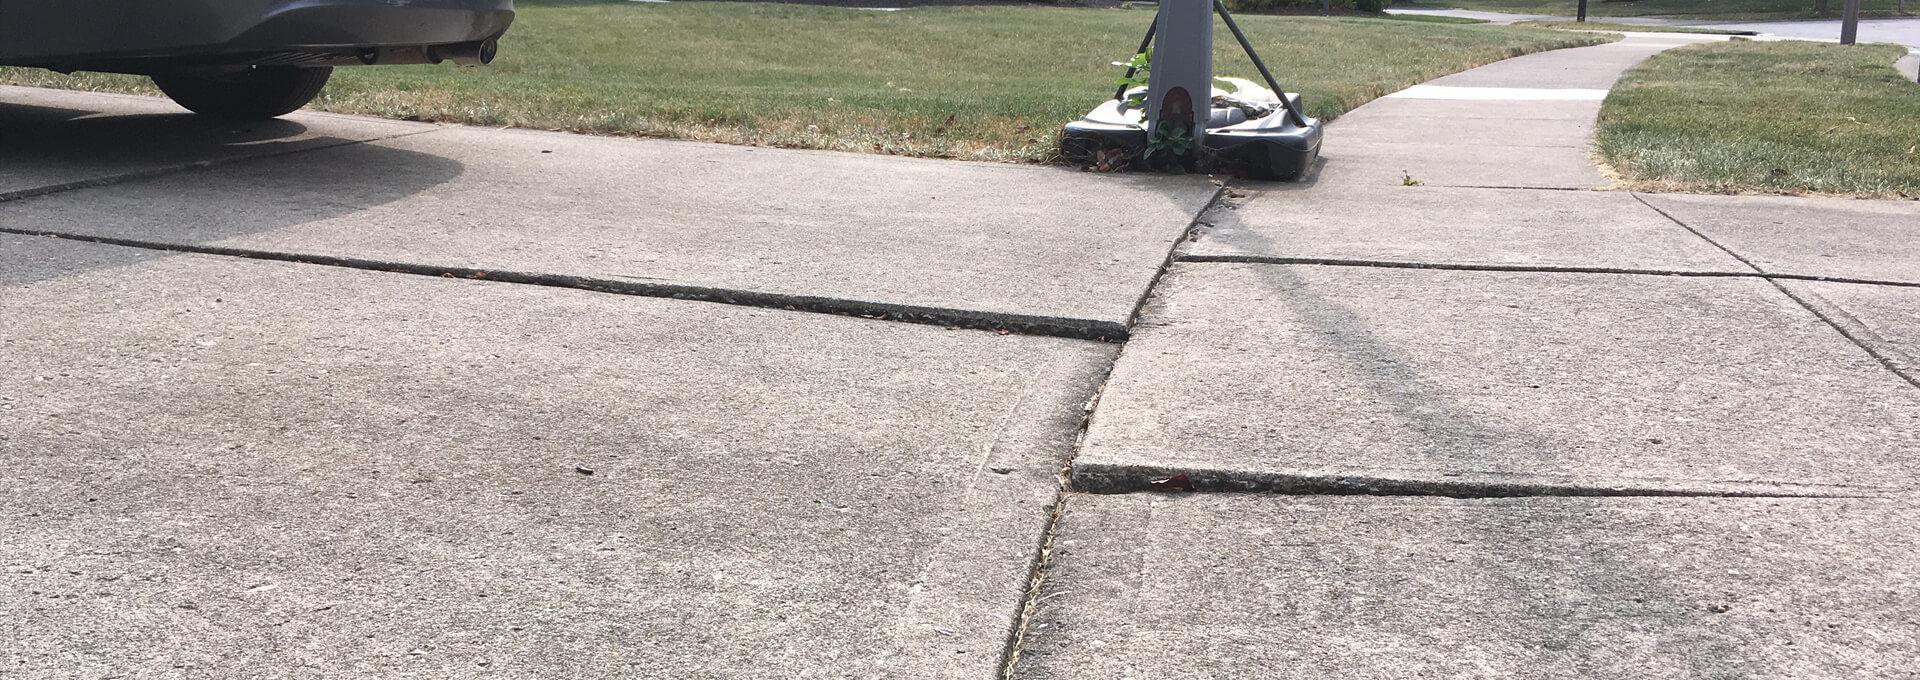 Foundation ResQ | Uneven Driveway | Concrete Leveling